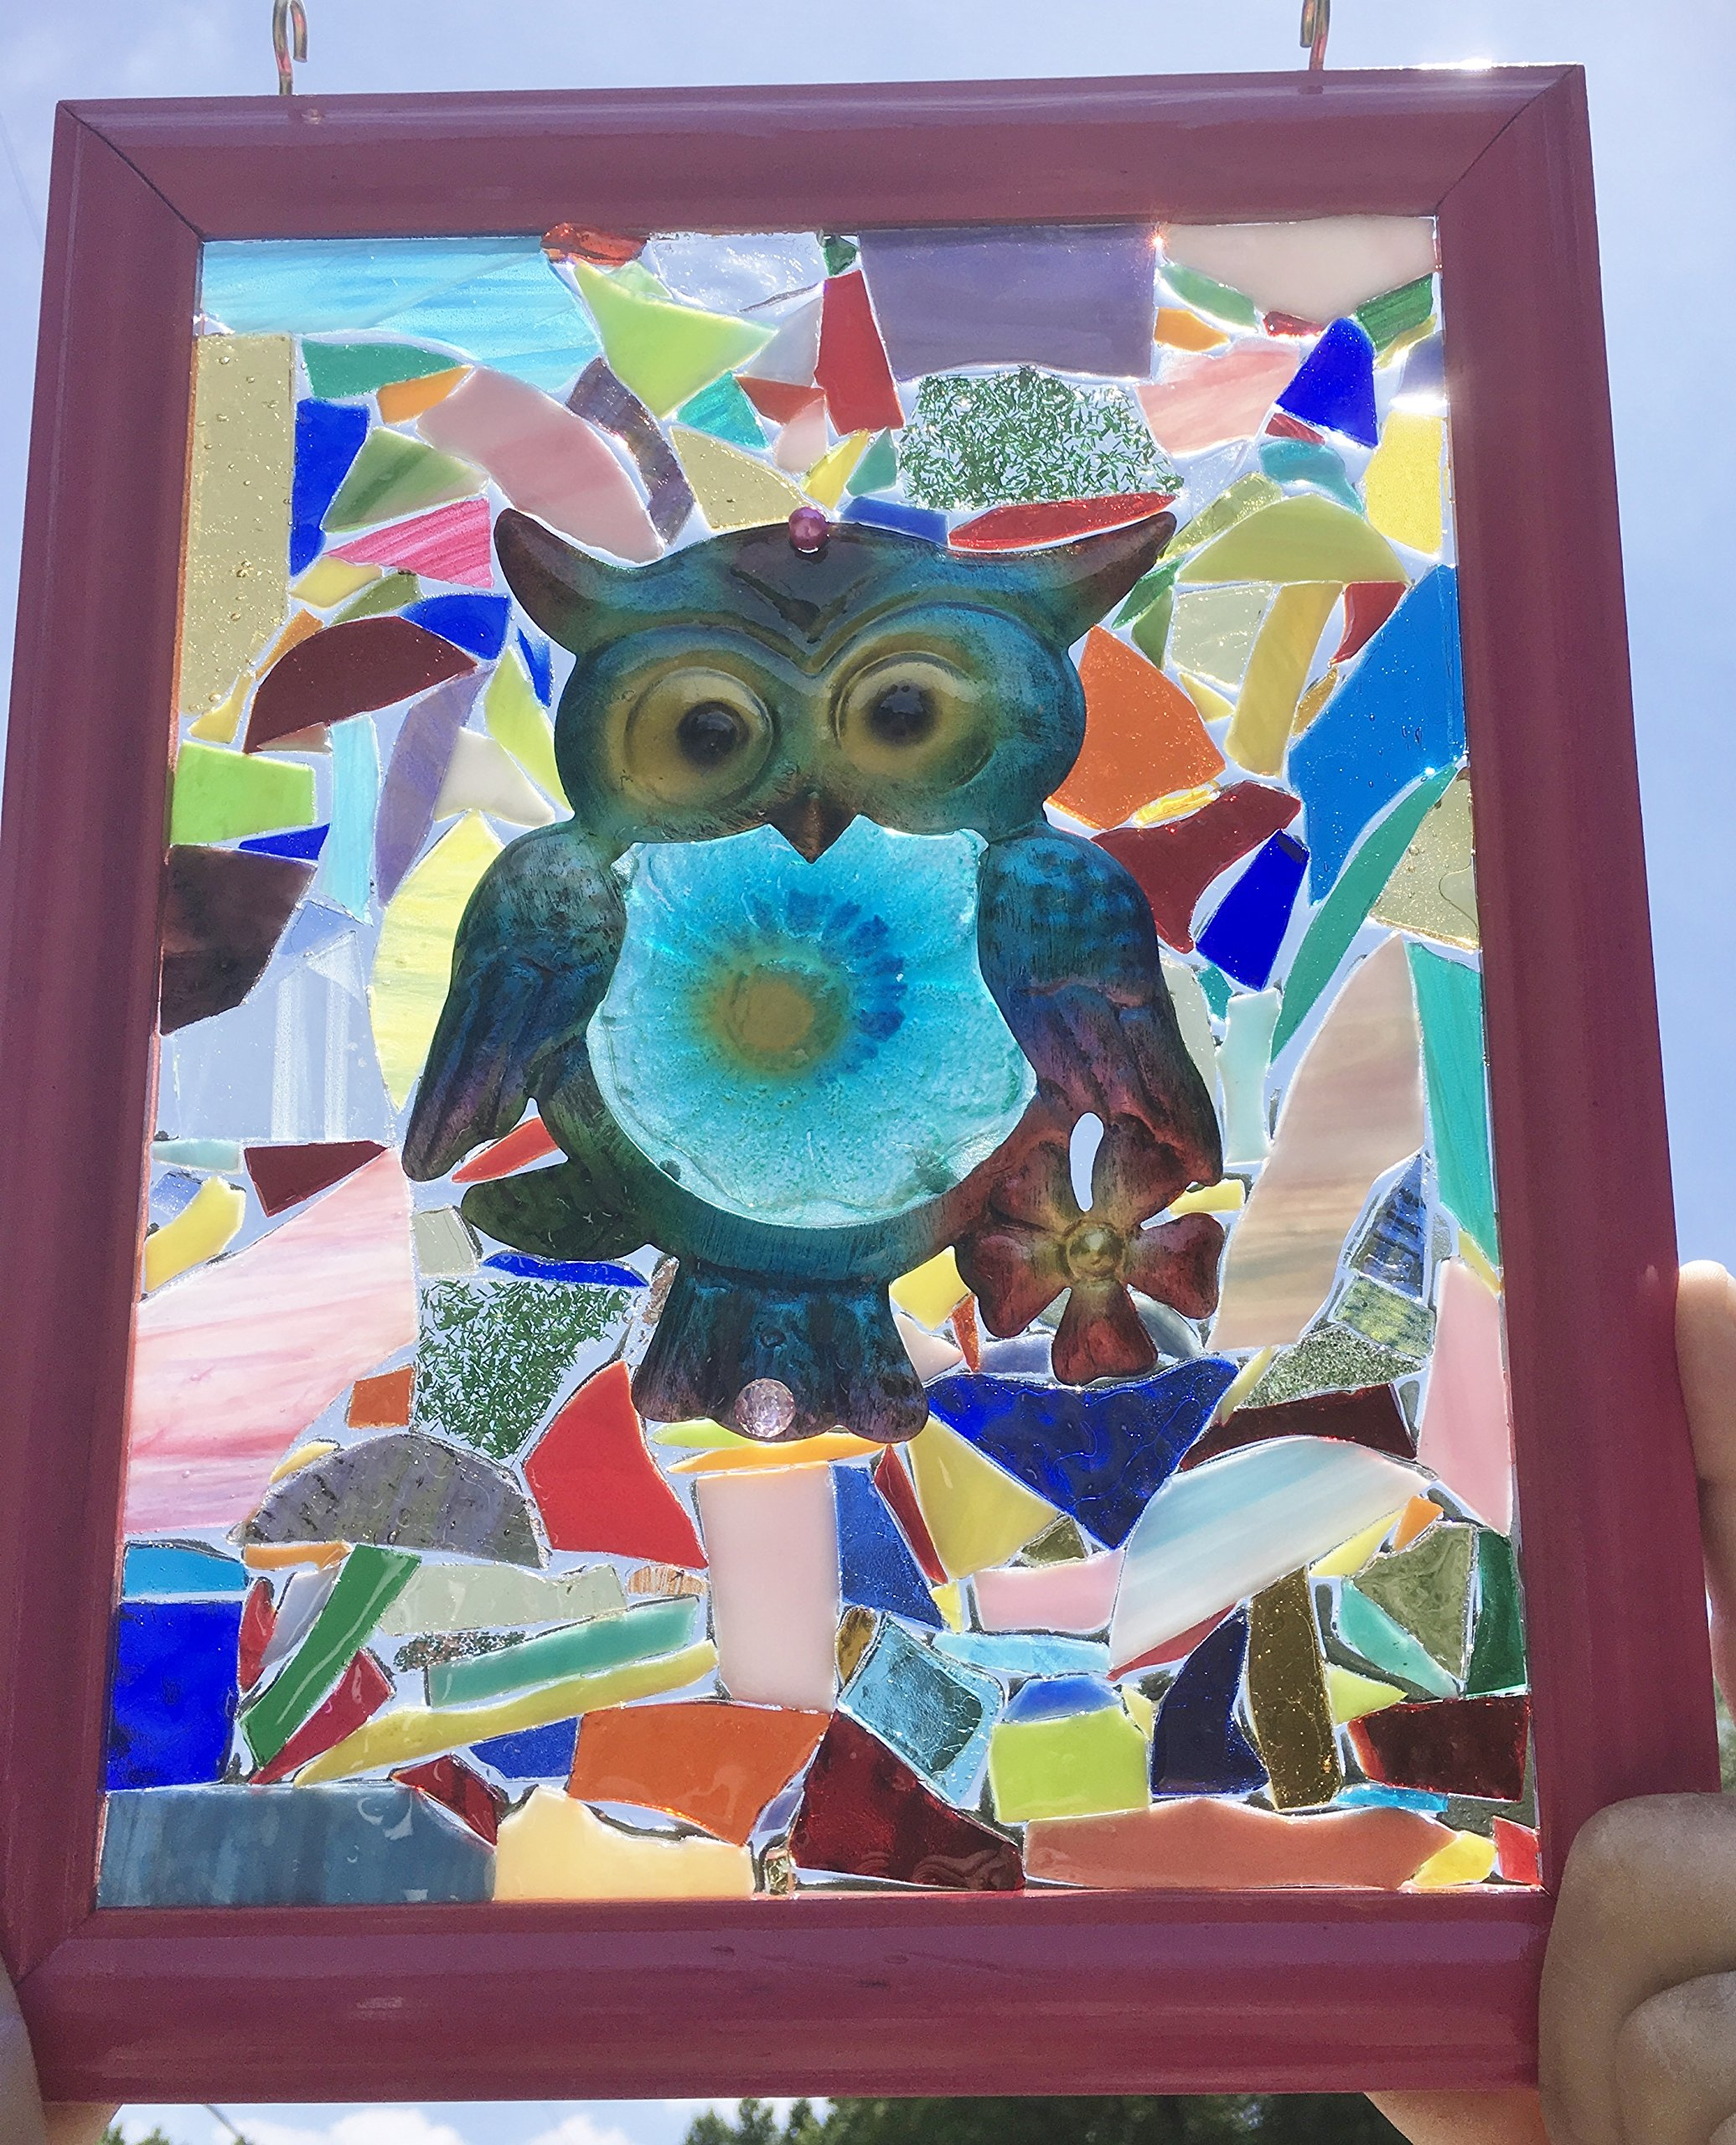 Owl stain glass window art suncatcher